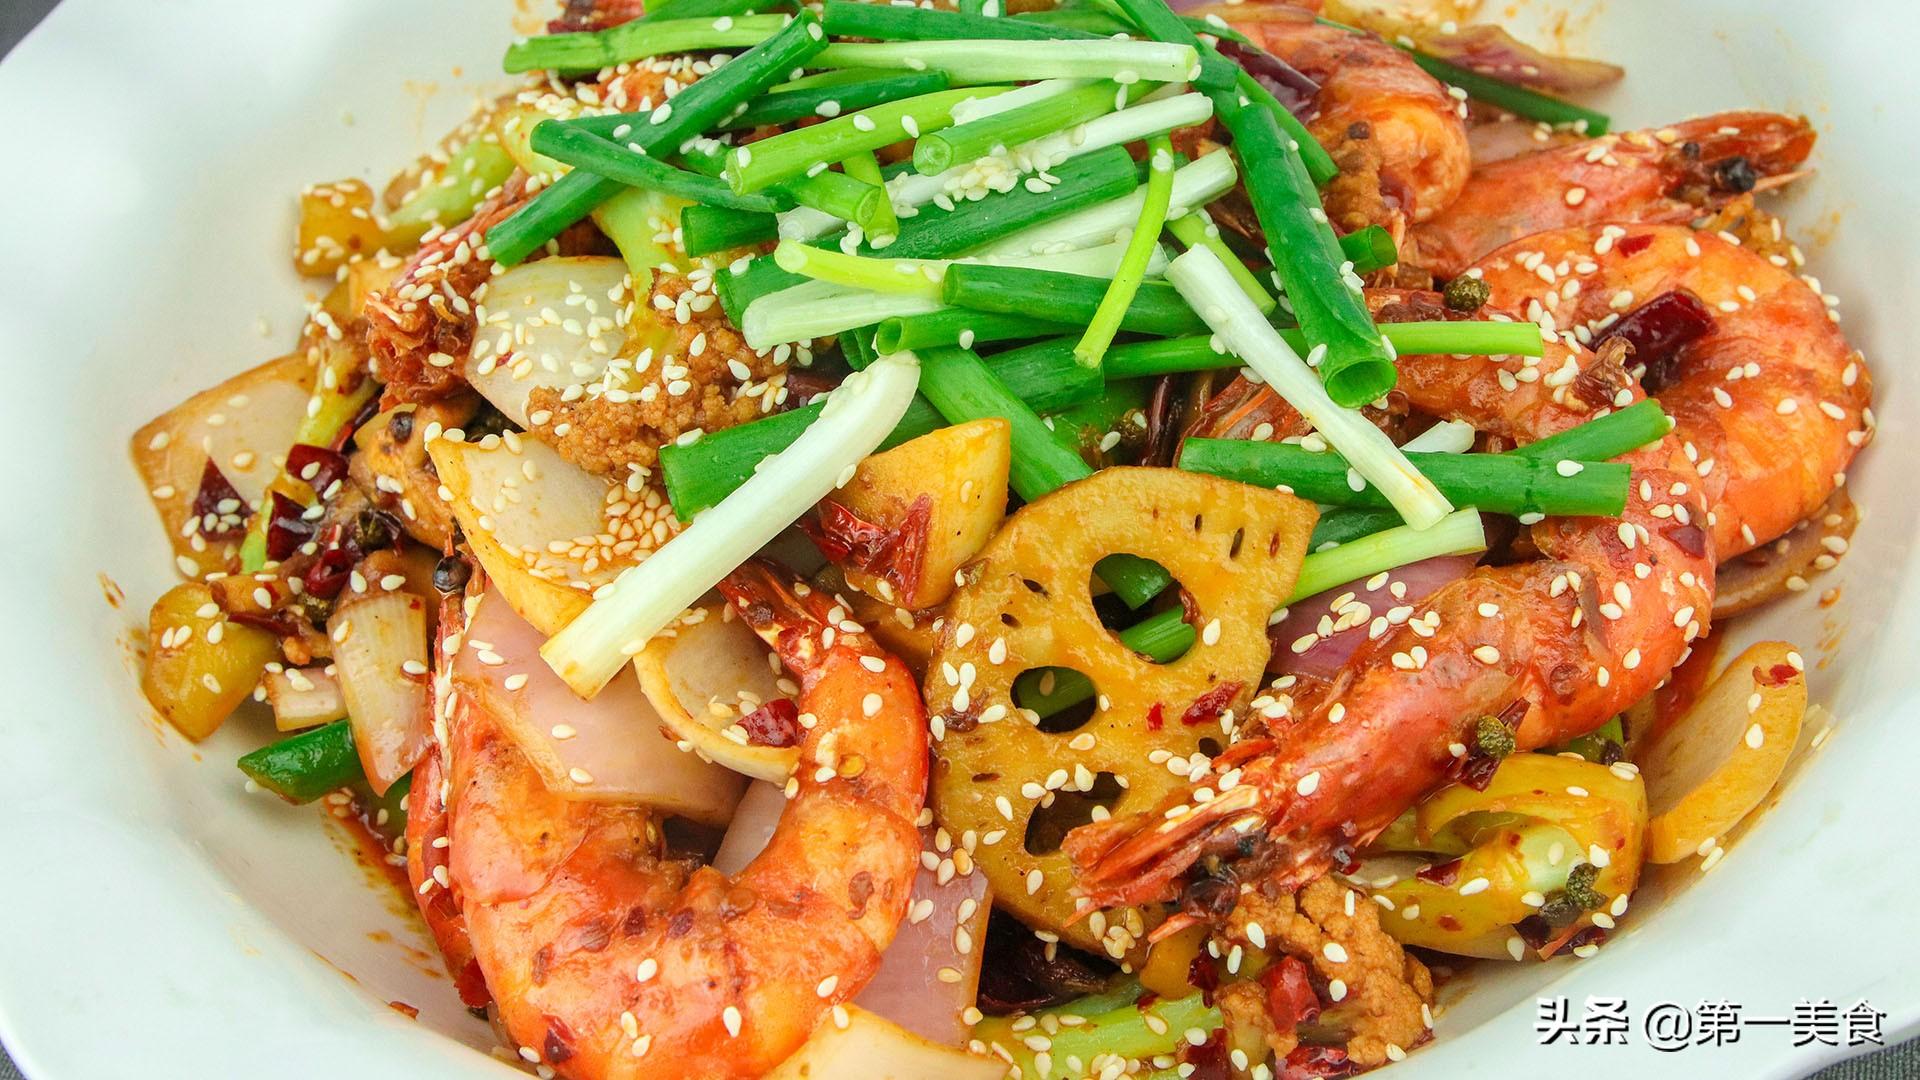 麻辣香锅怎么做才好吃 学会这个技巧 色泽鲜艳好吃